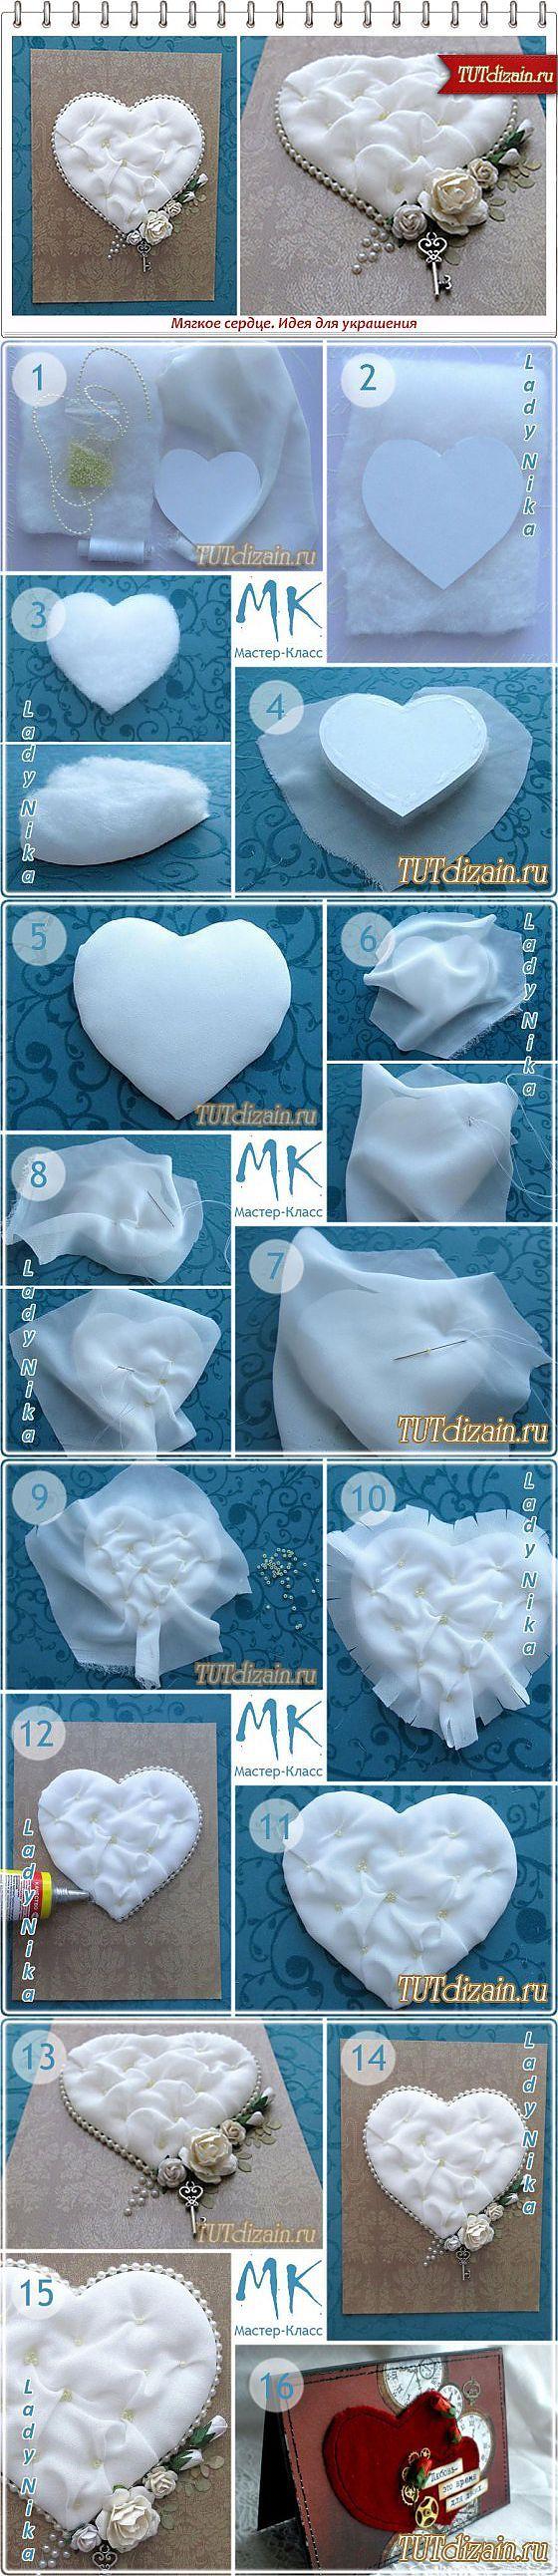 Мягкое сердце. Идея для украшения » Дизайн & Декор своими руками Идея для подушечки для колец... ♥ Deniz ♥